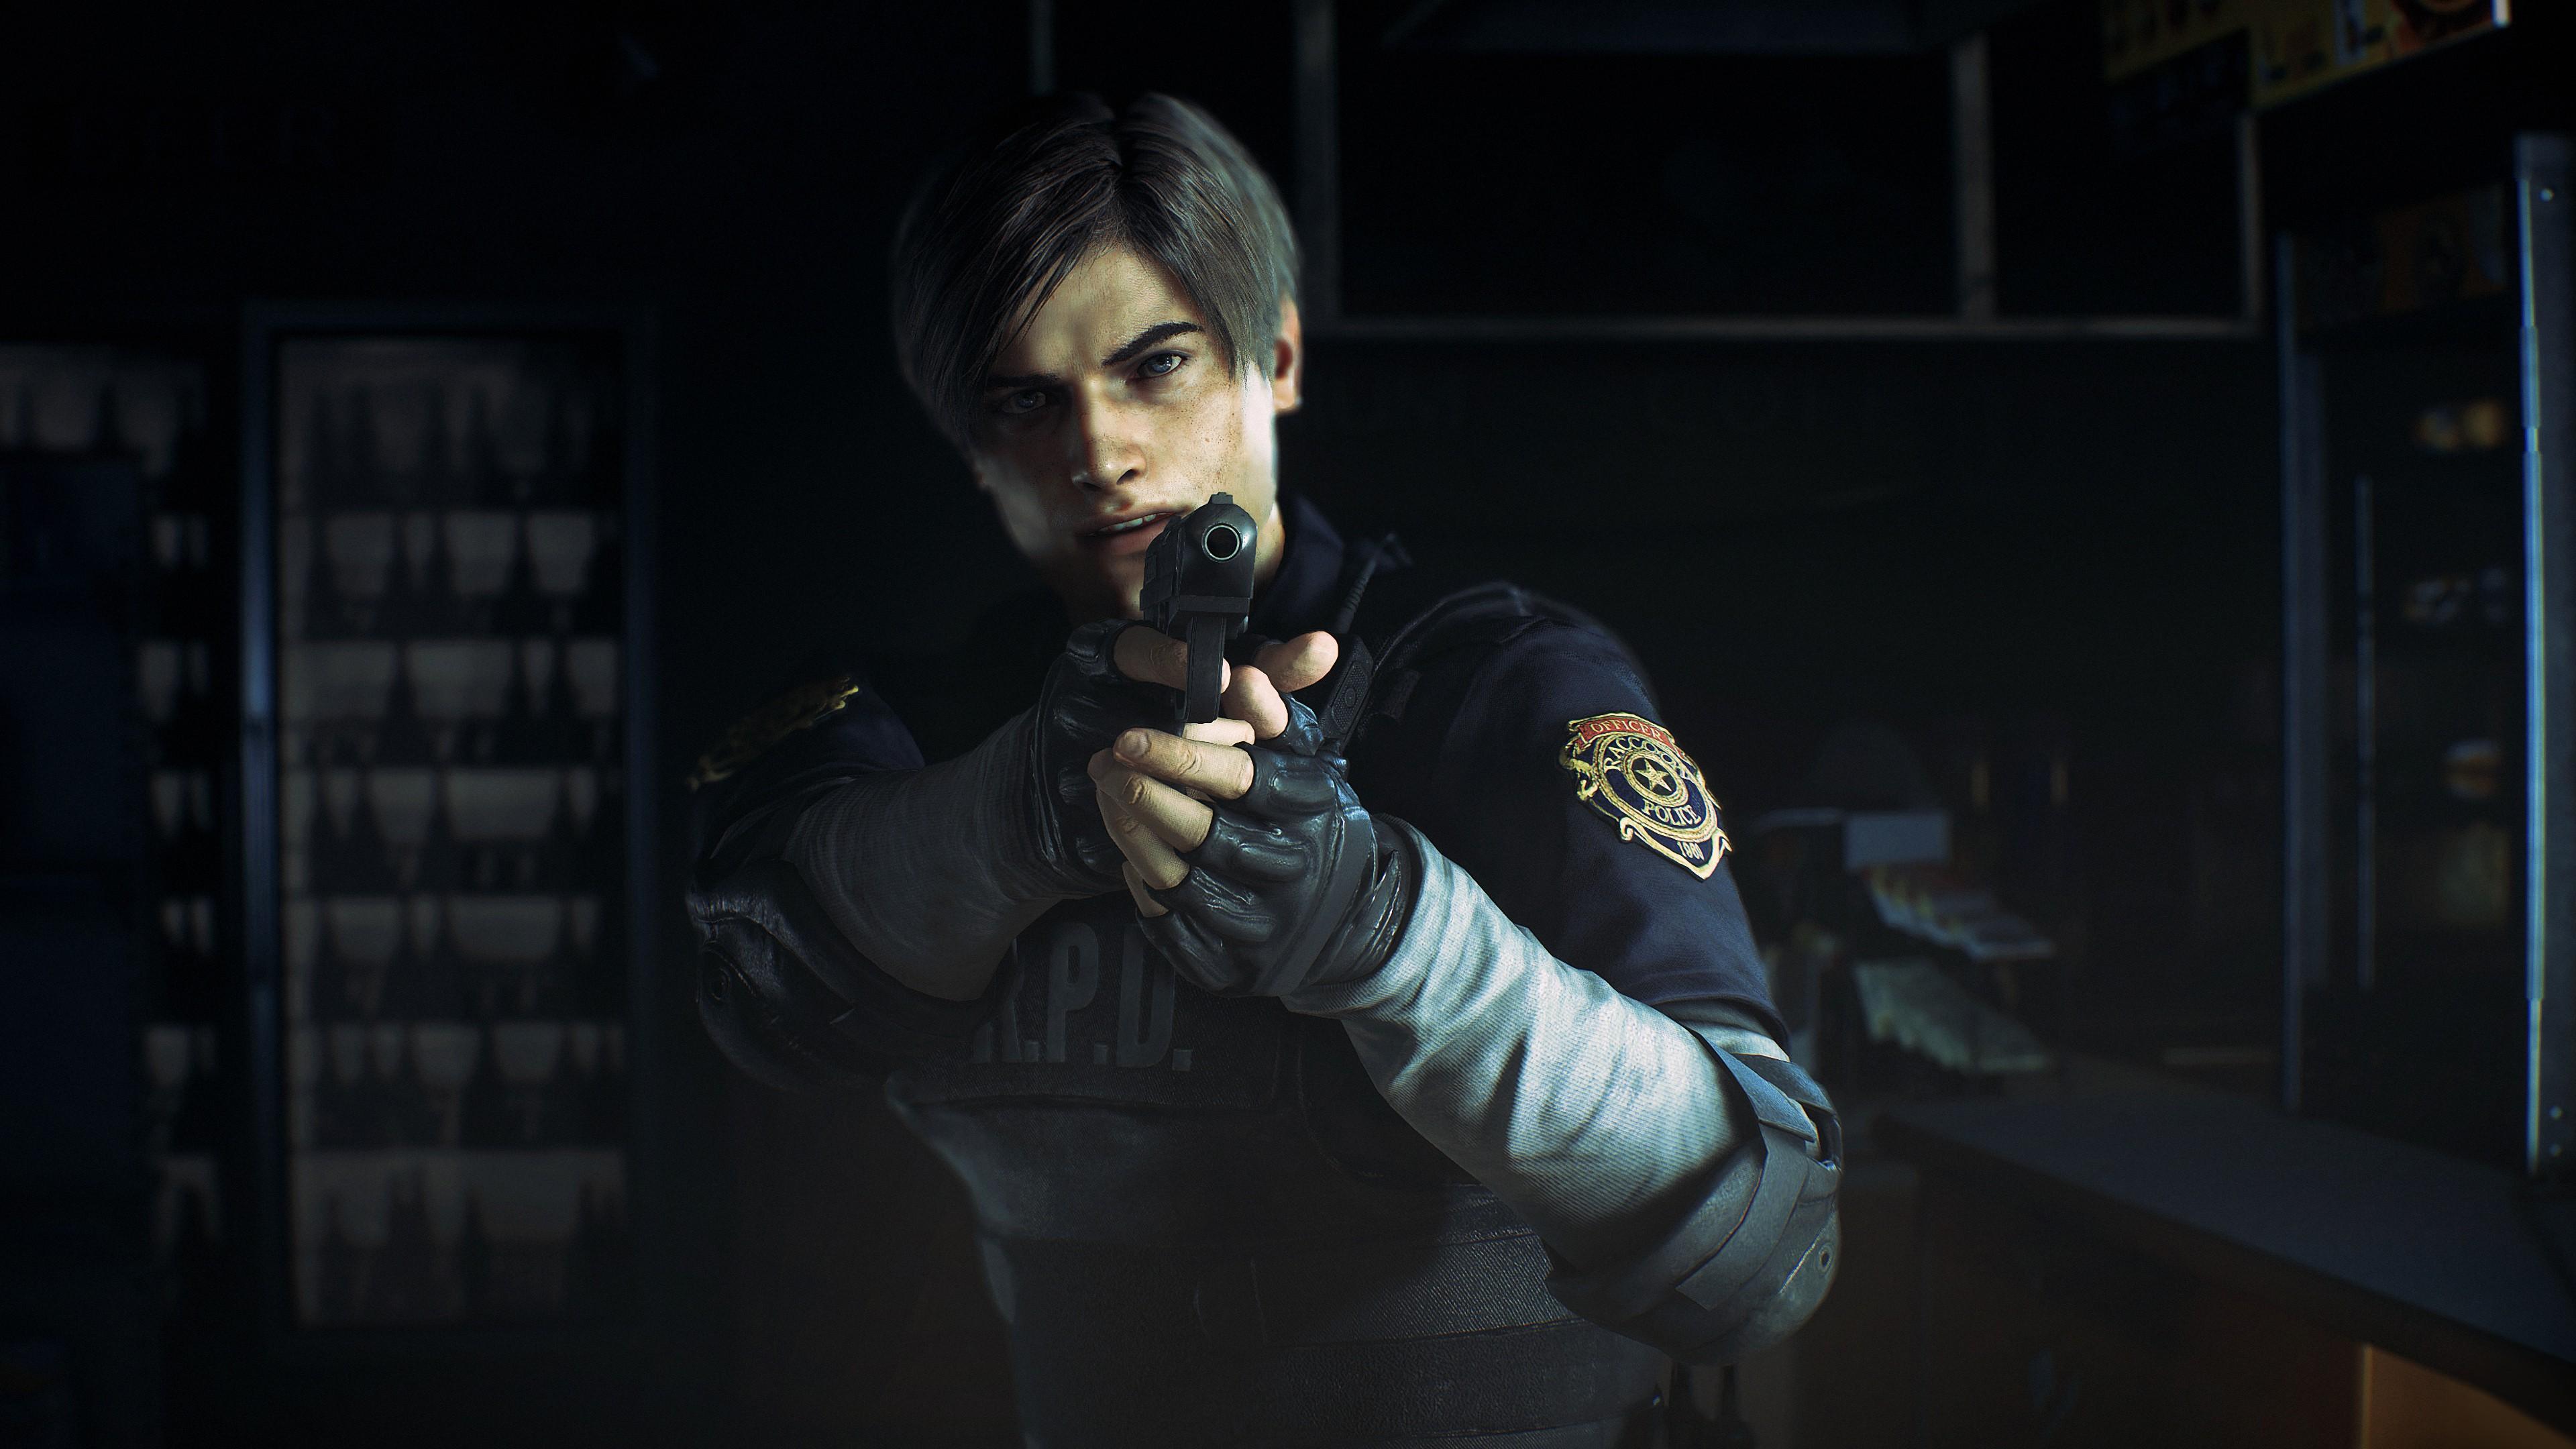 Wallpaper Resident Evil 2 E3 2018 Screenshot 4k Games 19129